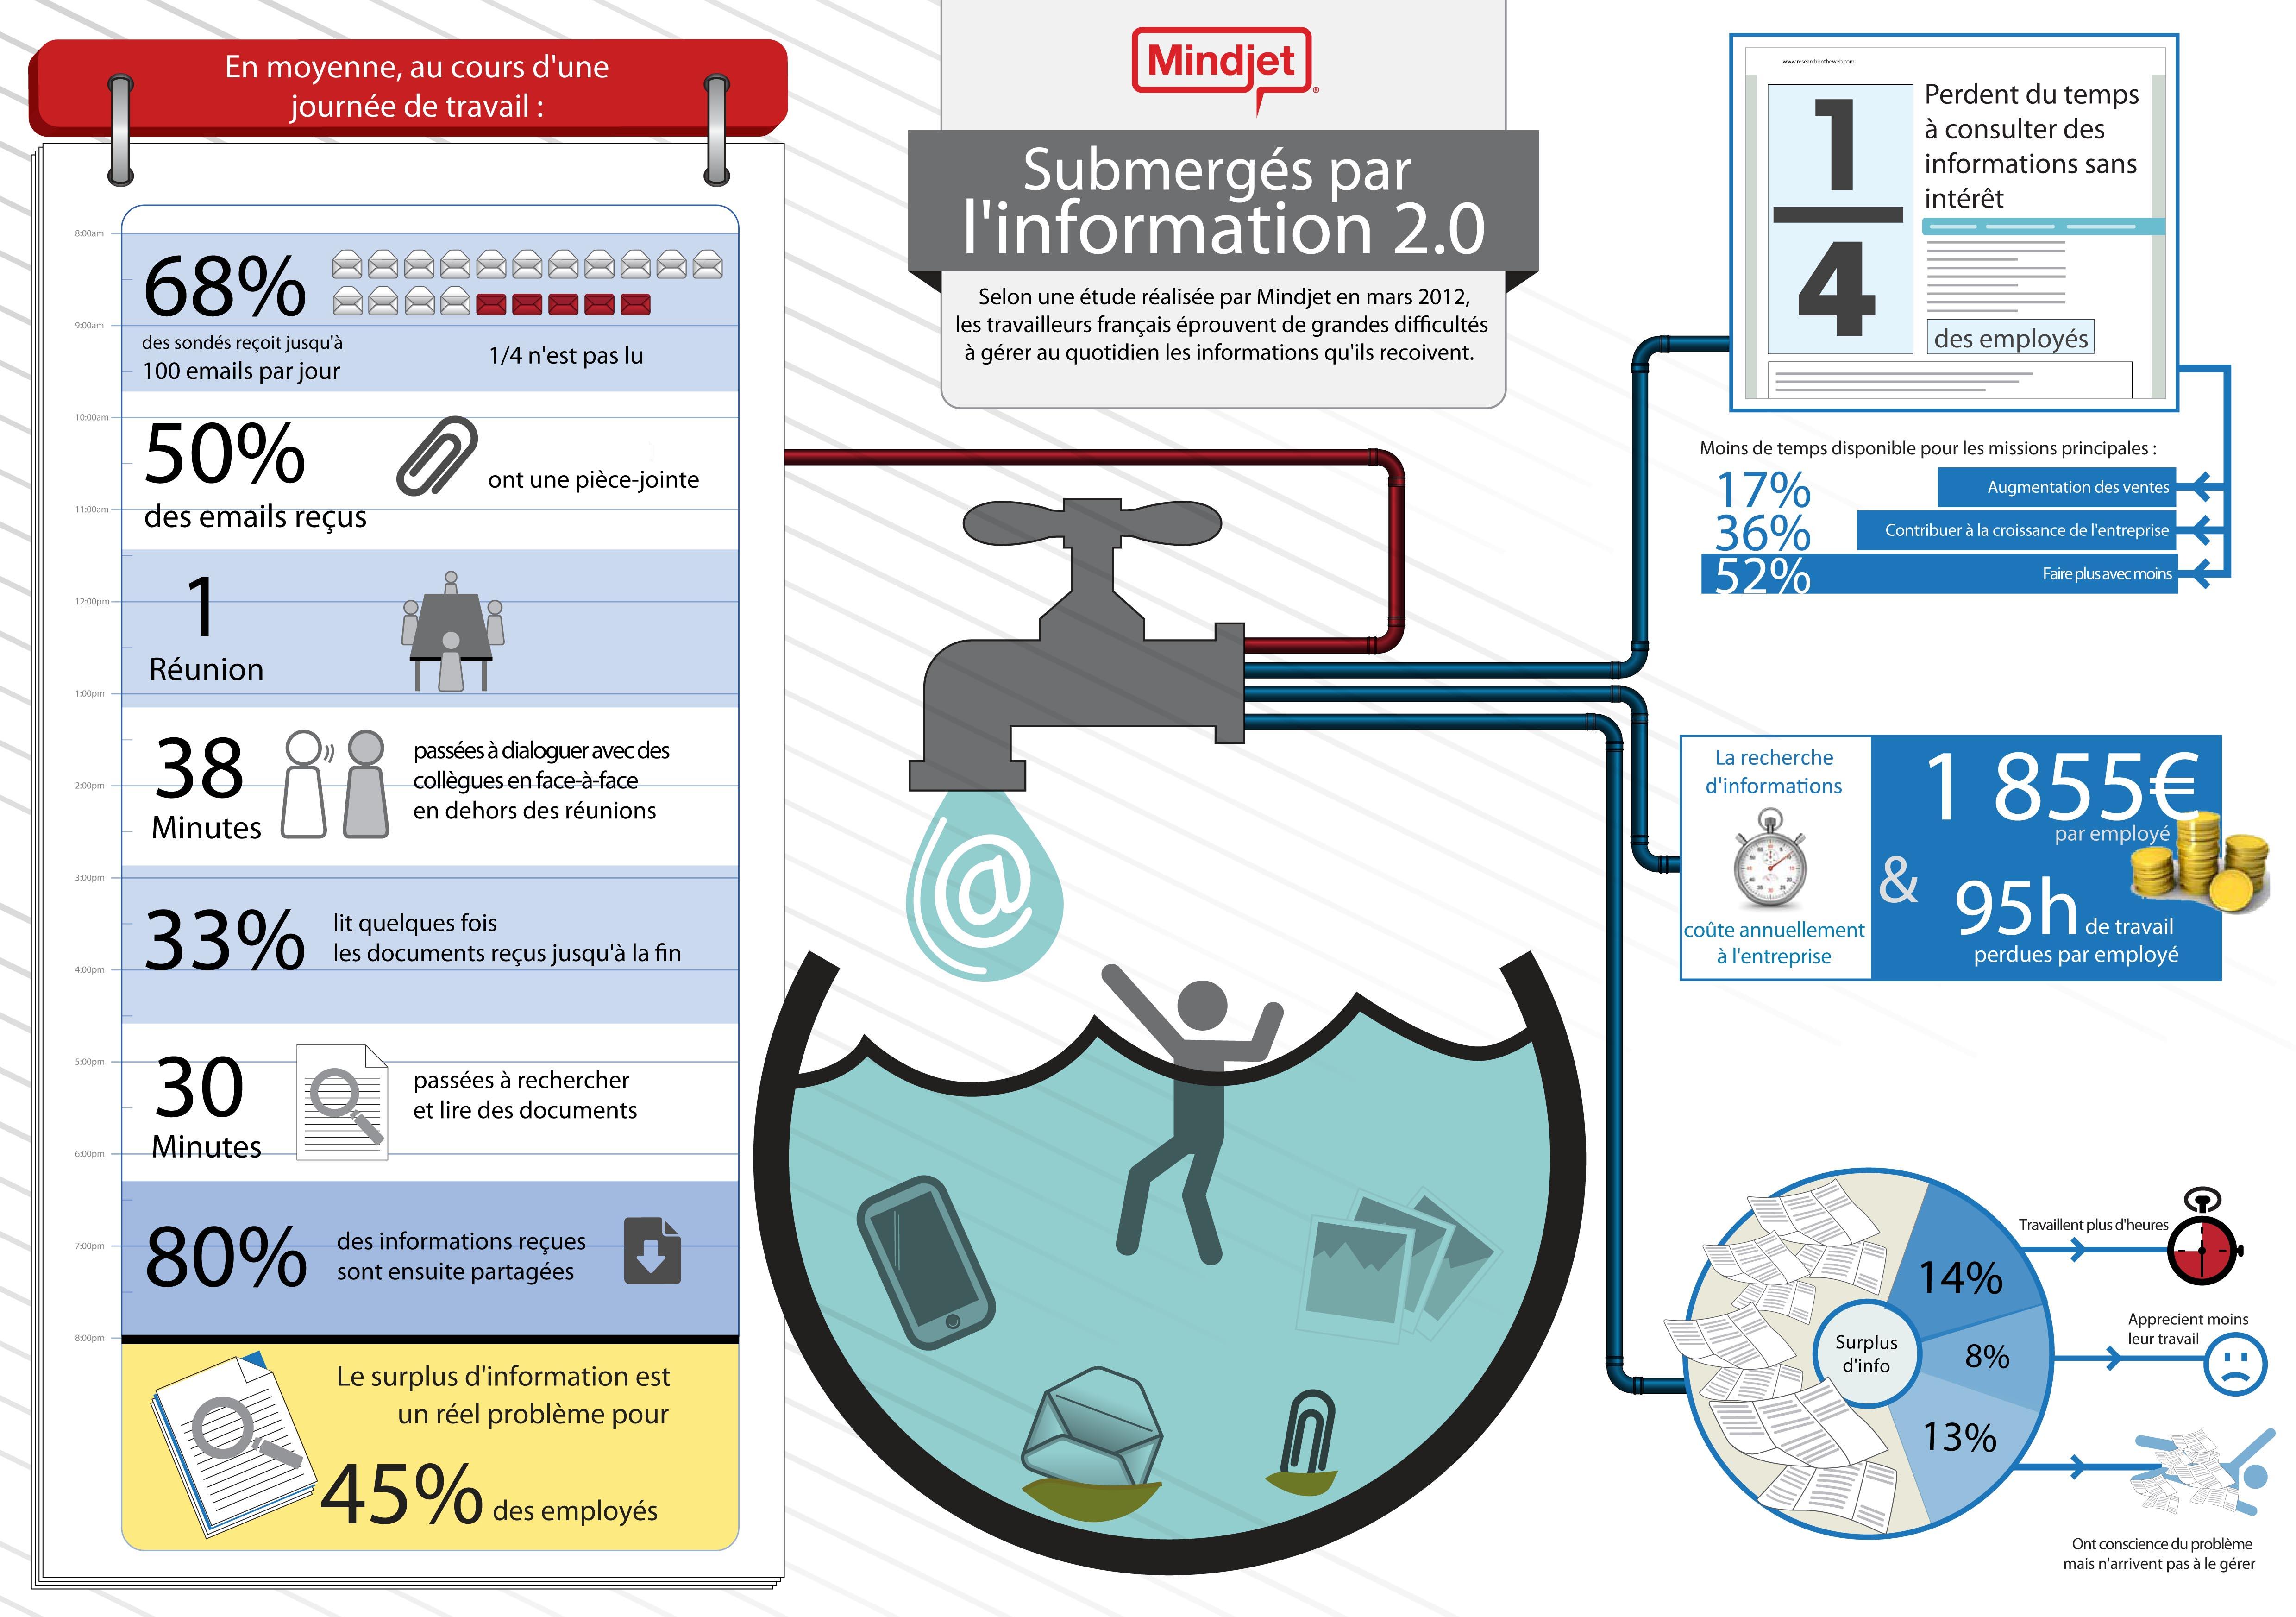 Infographie Submergés par information 2.0